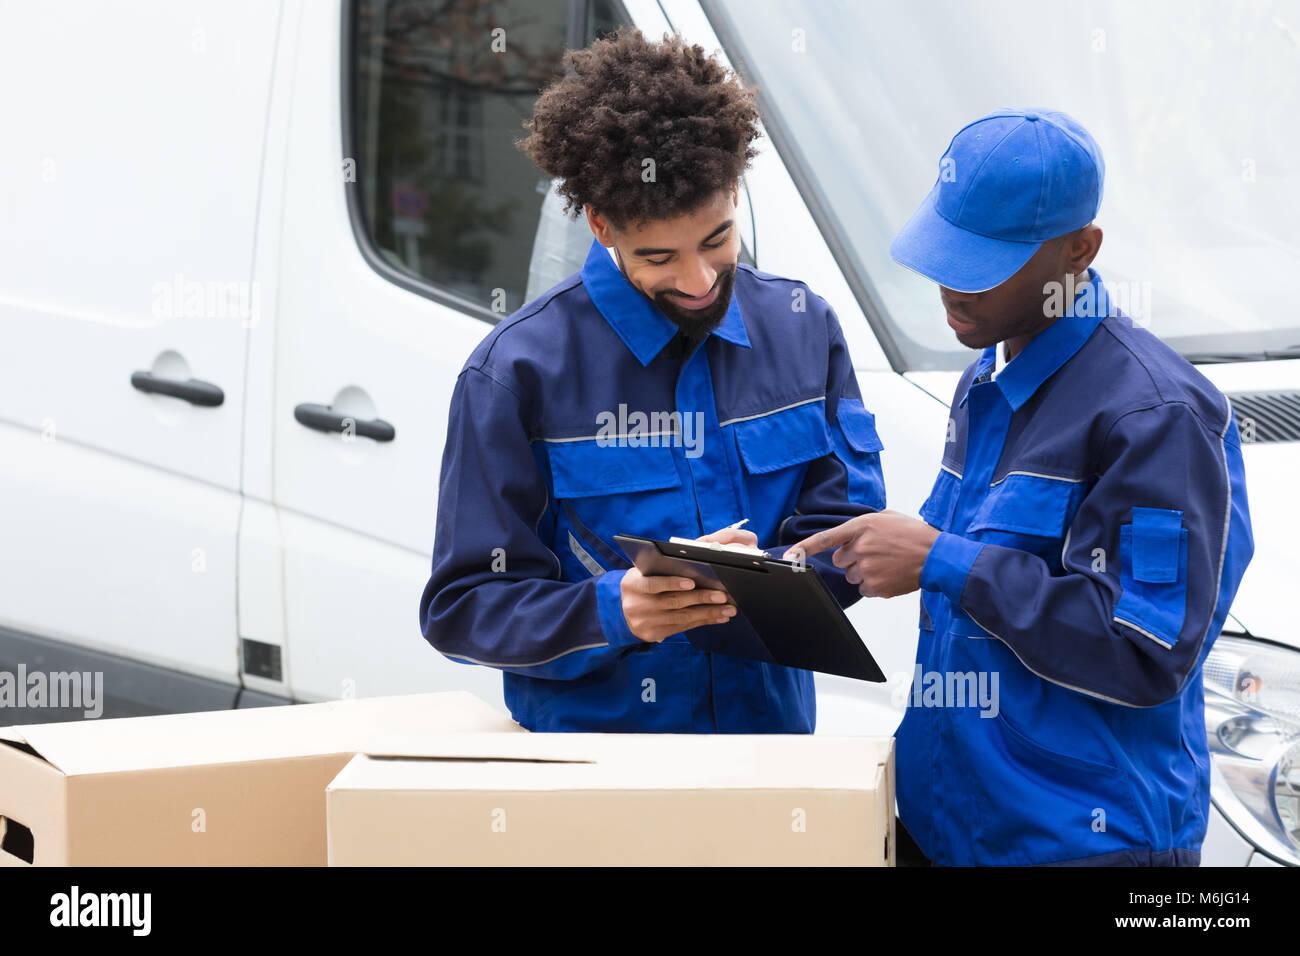 Uomo di consegna sulla scrittura di appunti su scatole di cartone in piedi dal carrello Immagini Stock